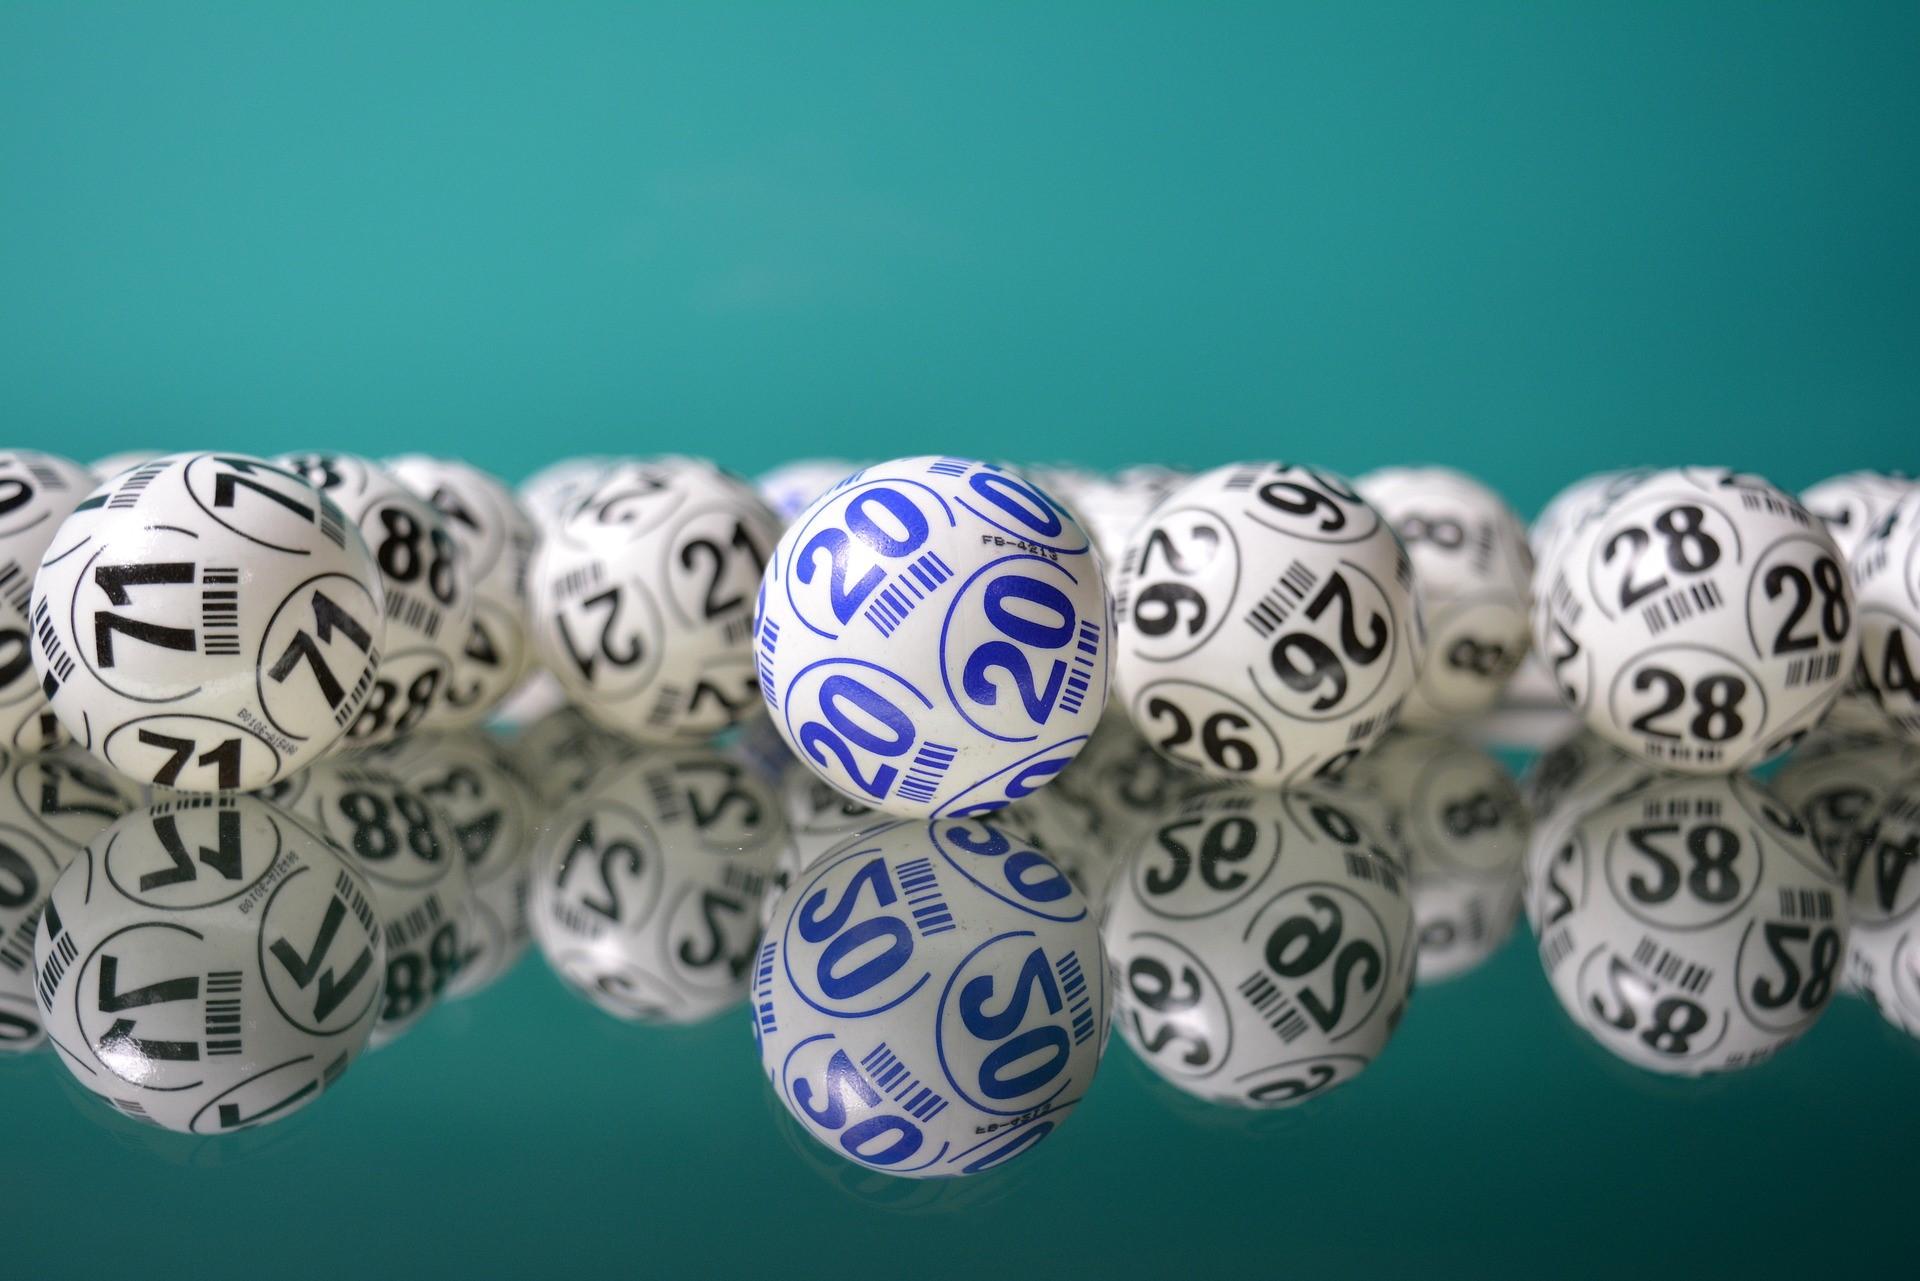 Bingo is the Ultimate